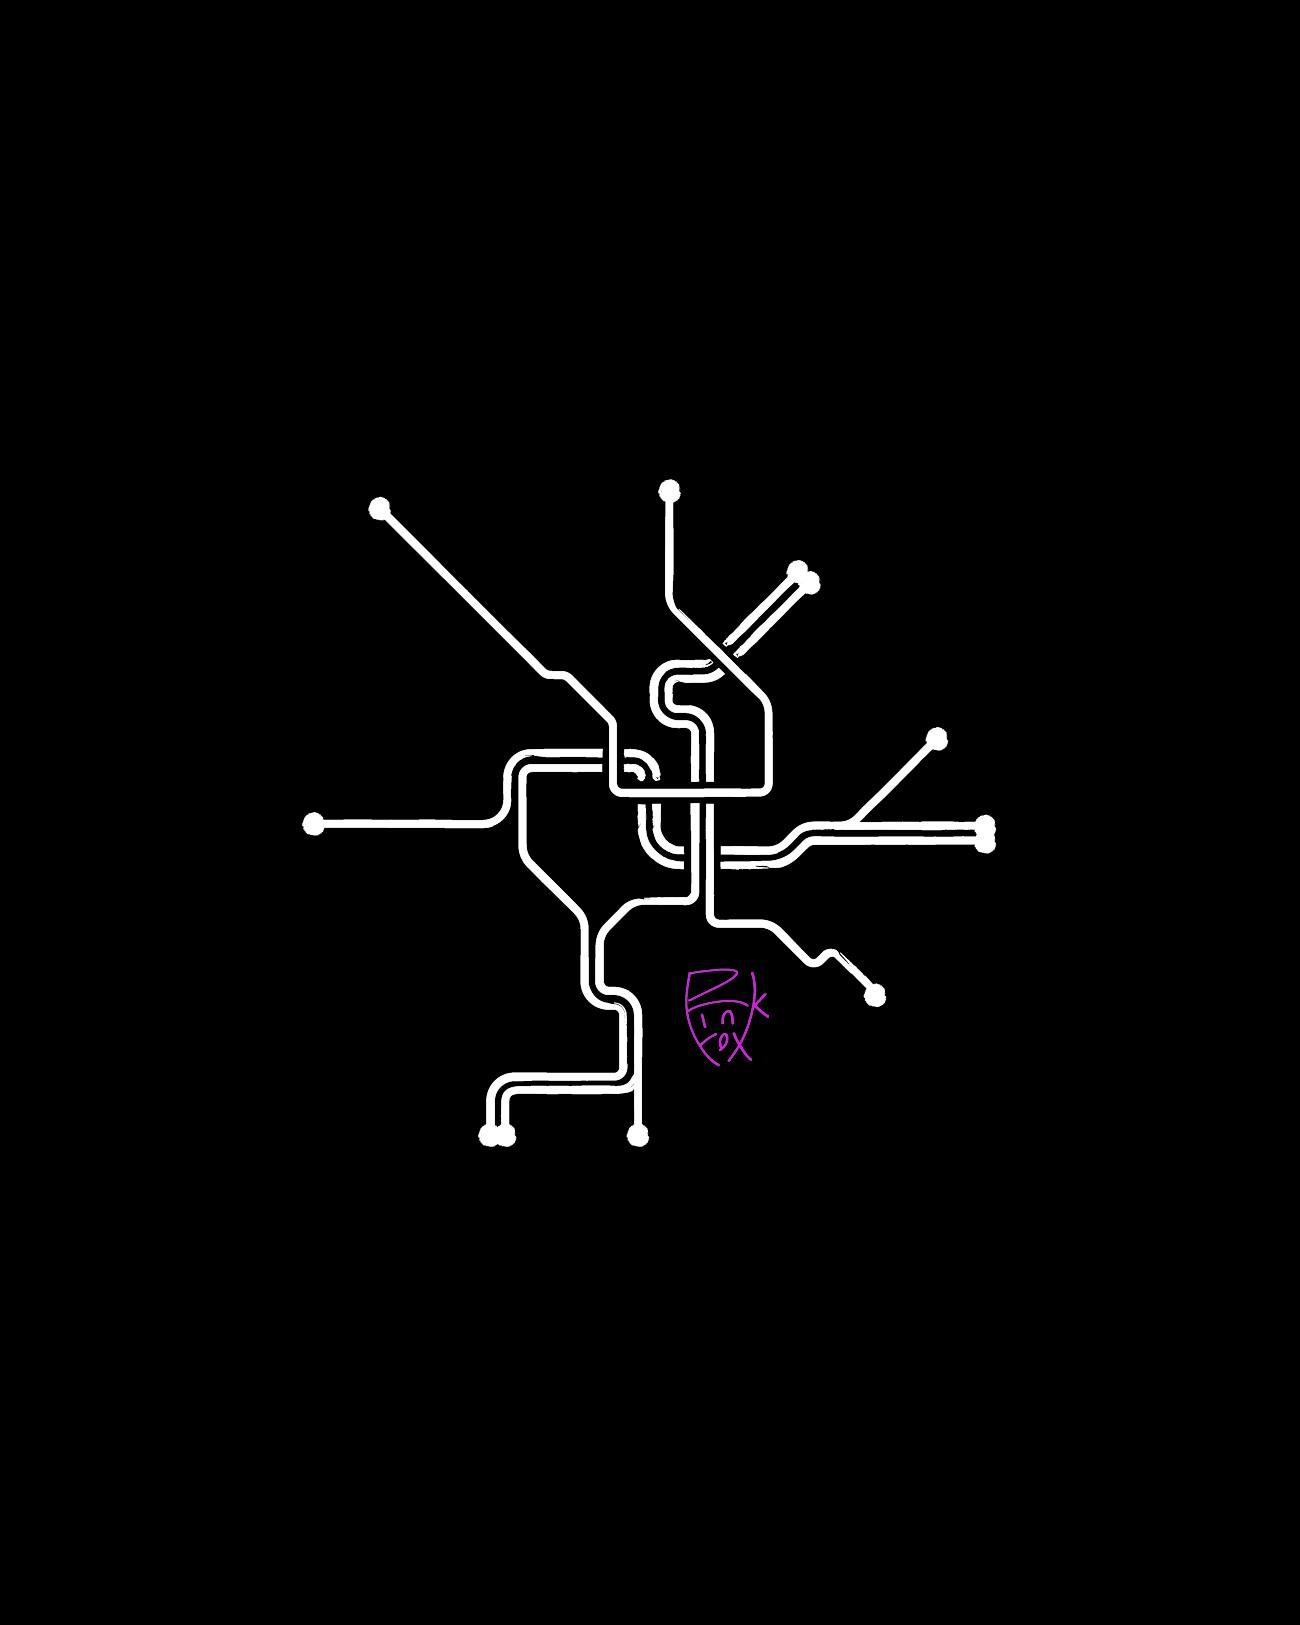 Apple Watch 42mm - Metro Black.jpg